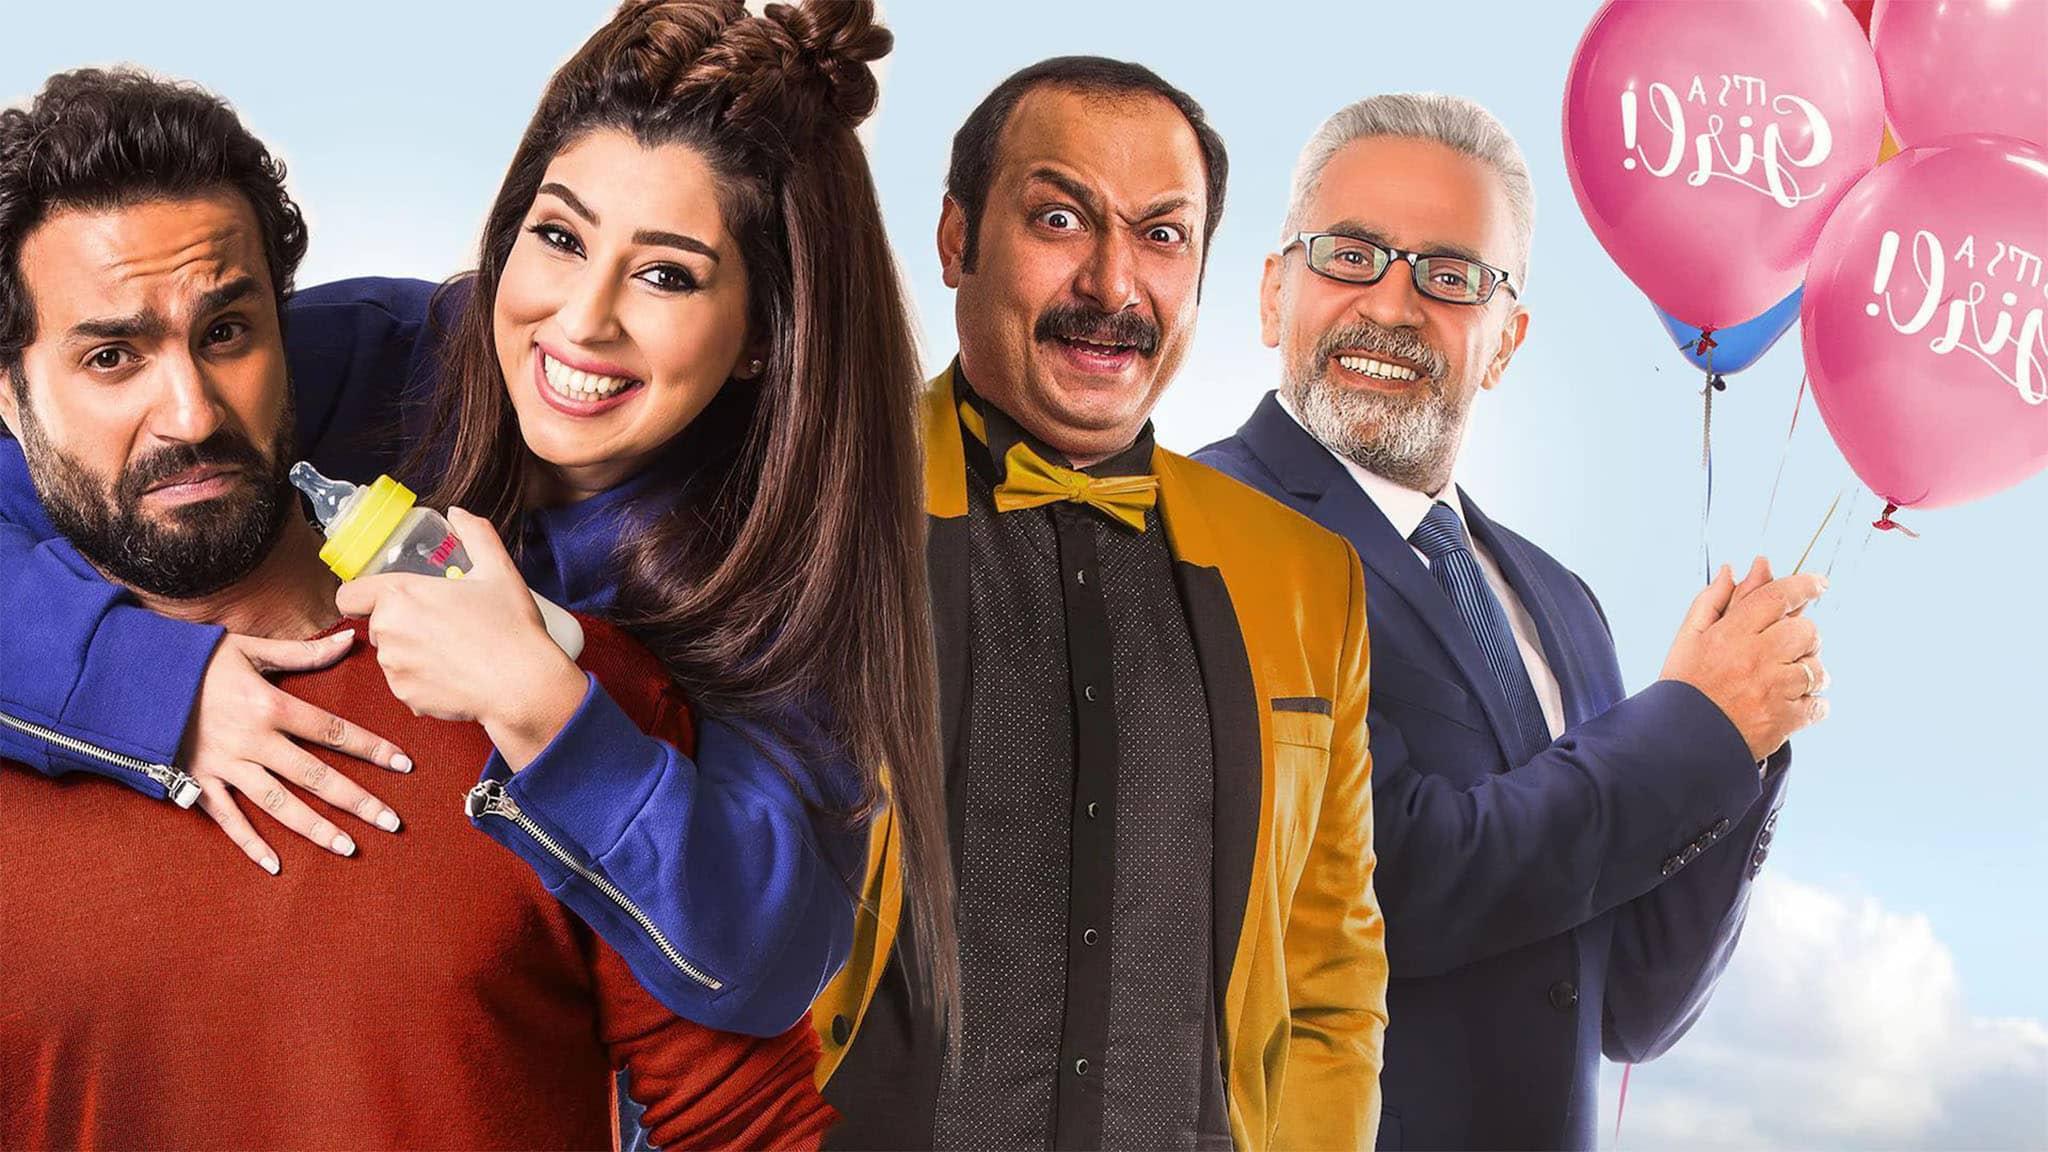 فيلم علي بابا 2018